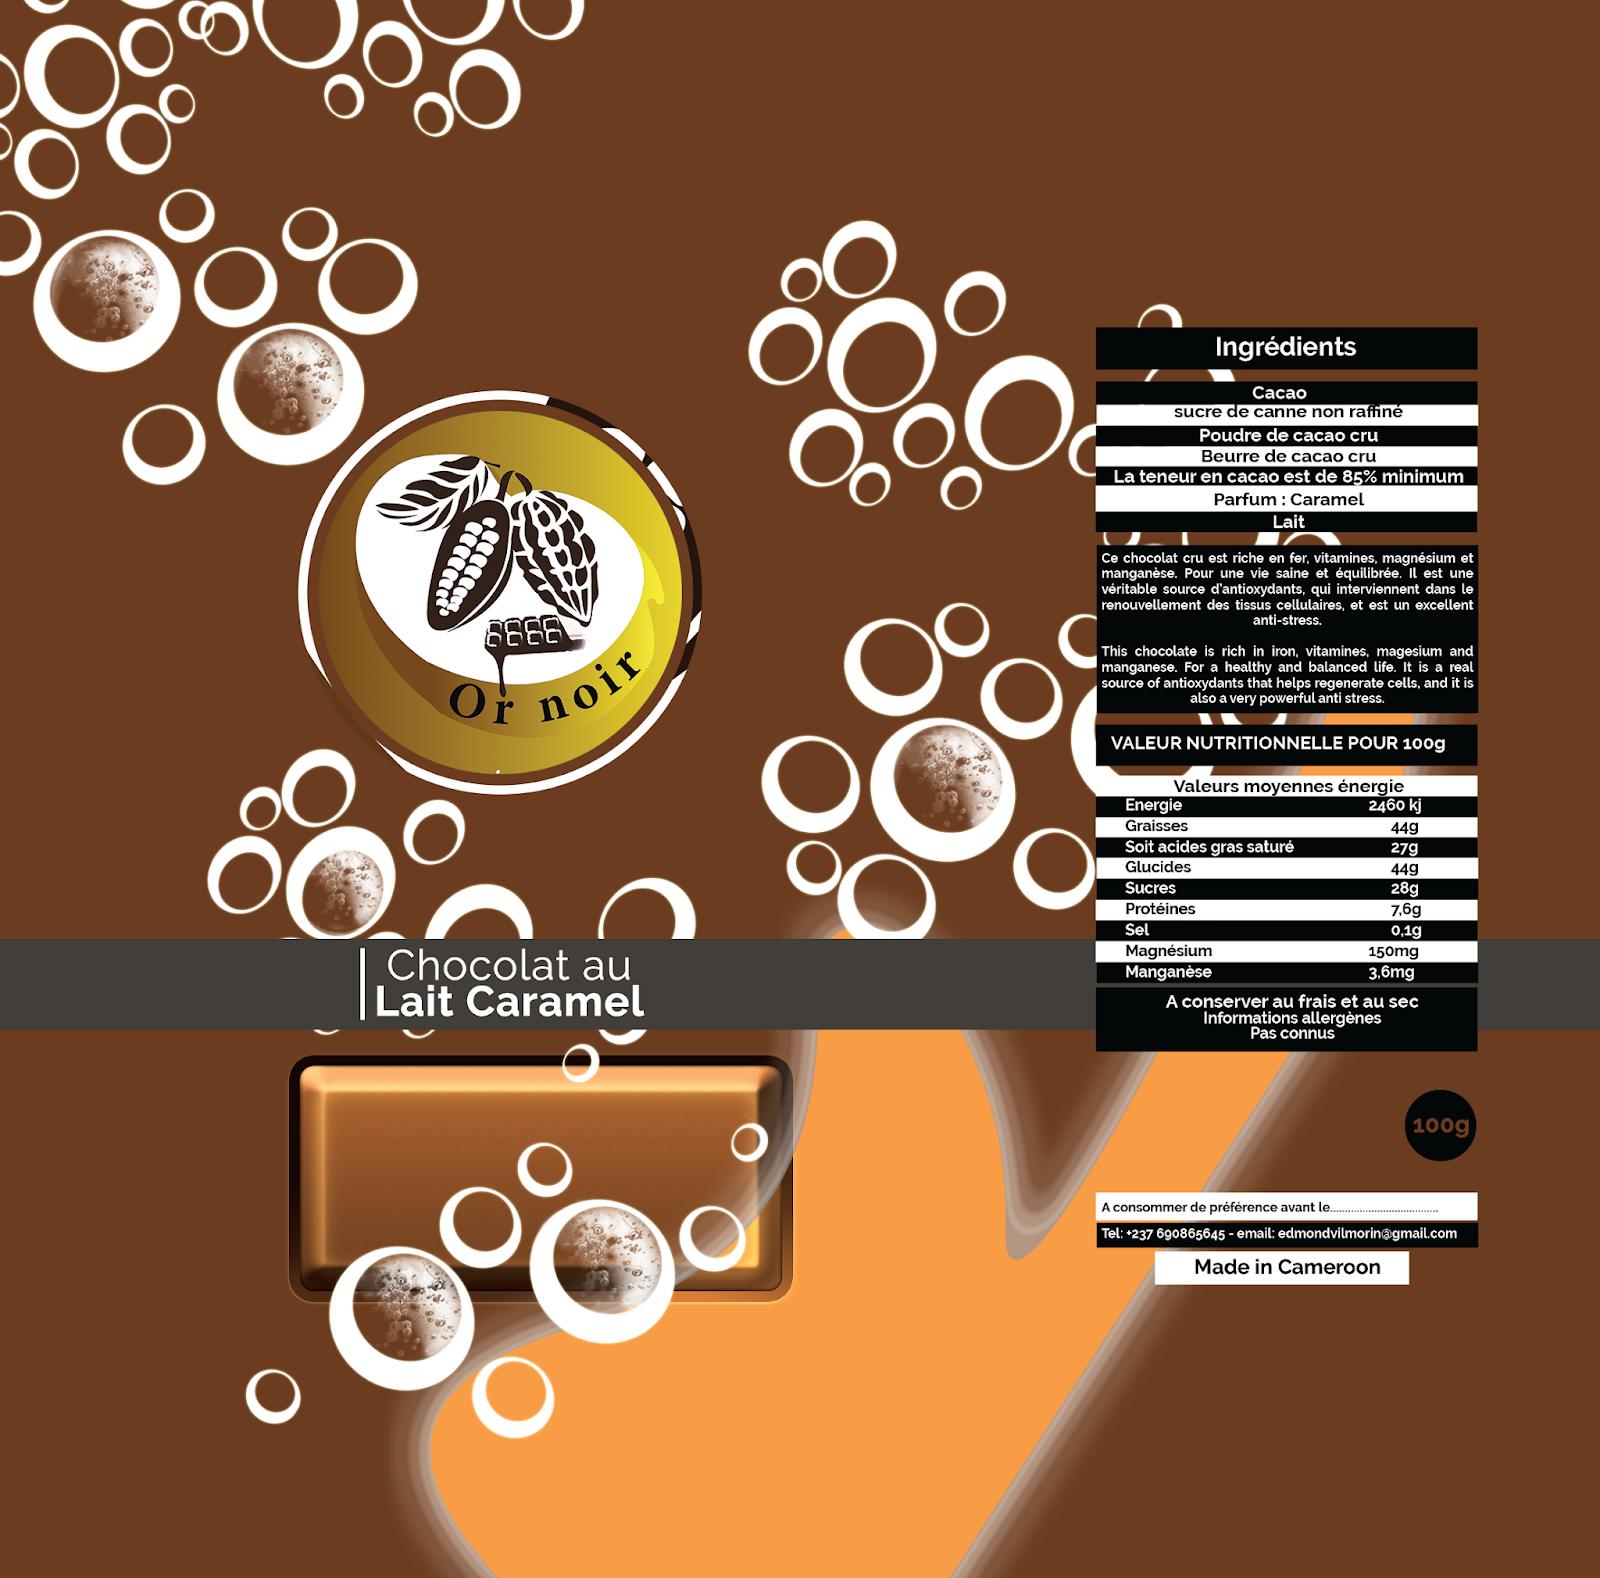 Chocolat au Lait Caramel - Or noir